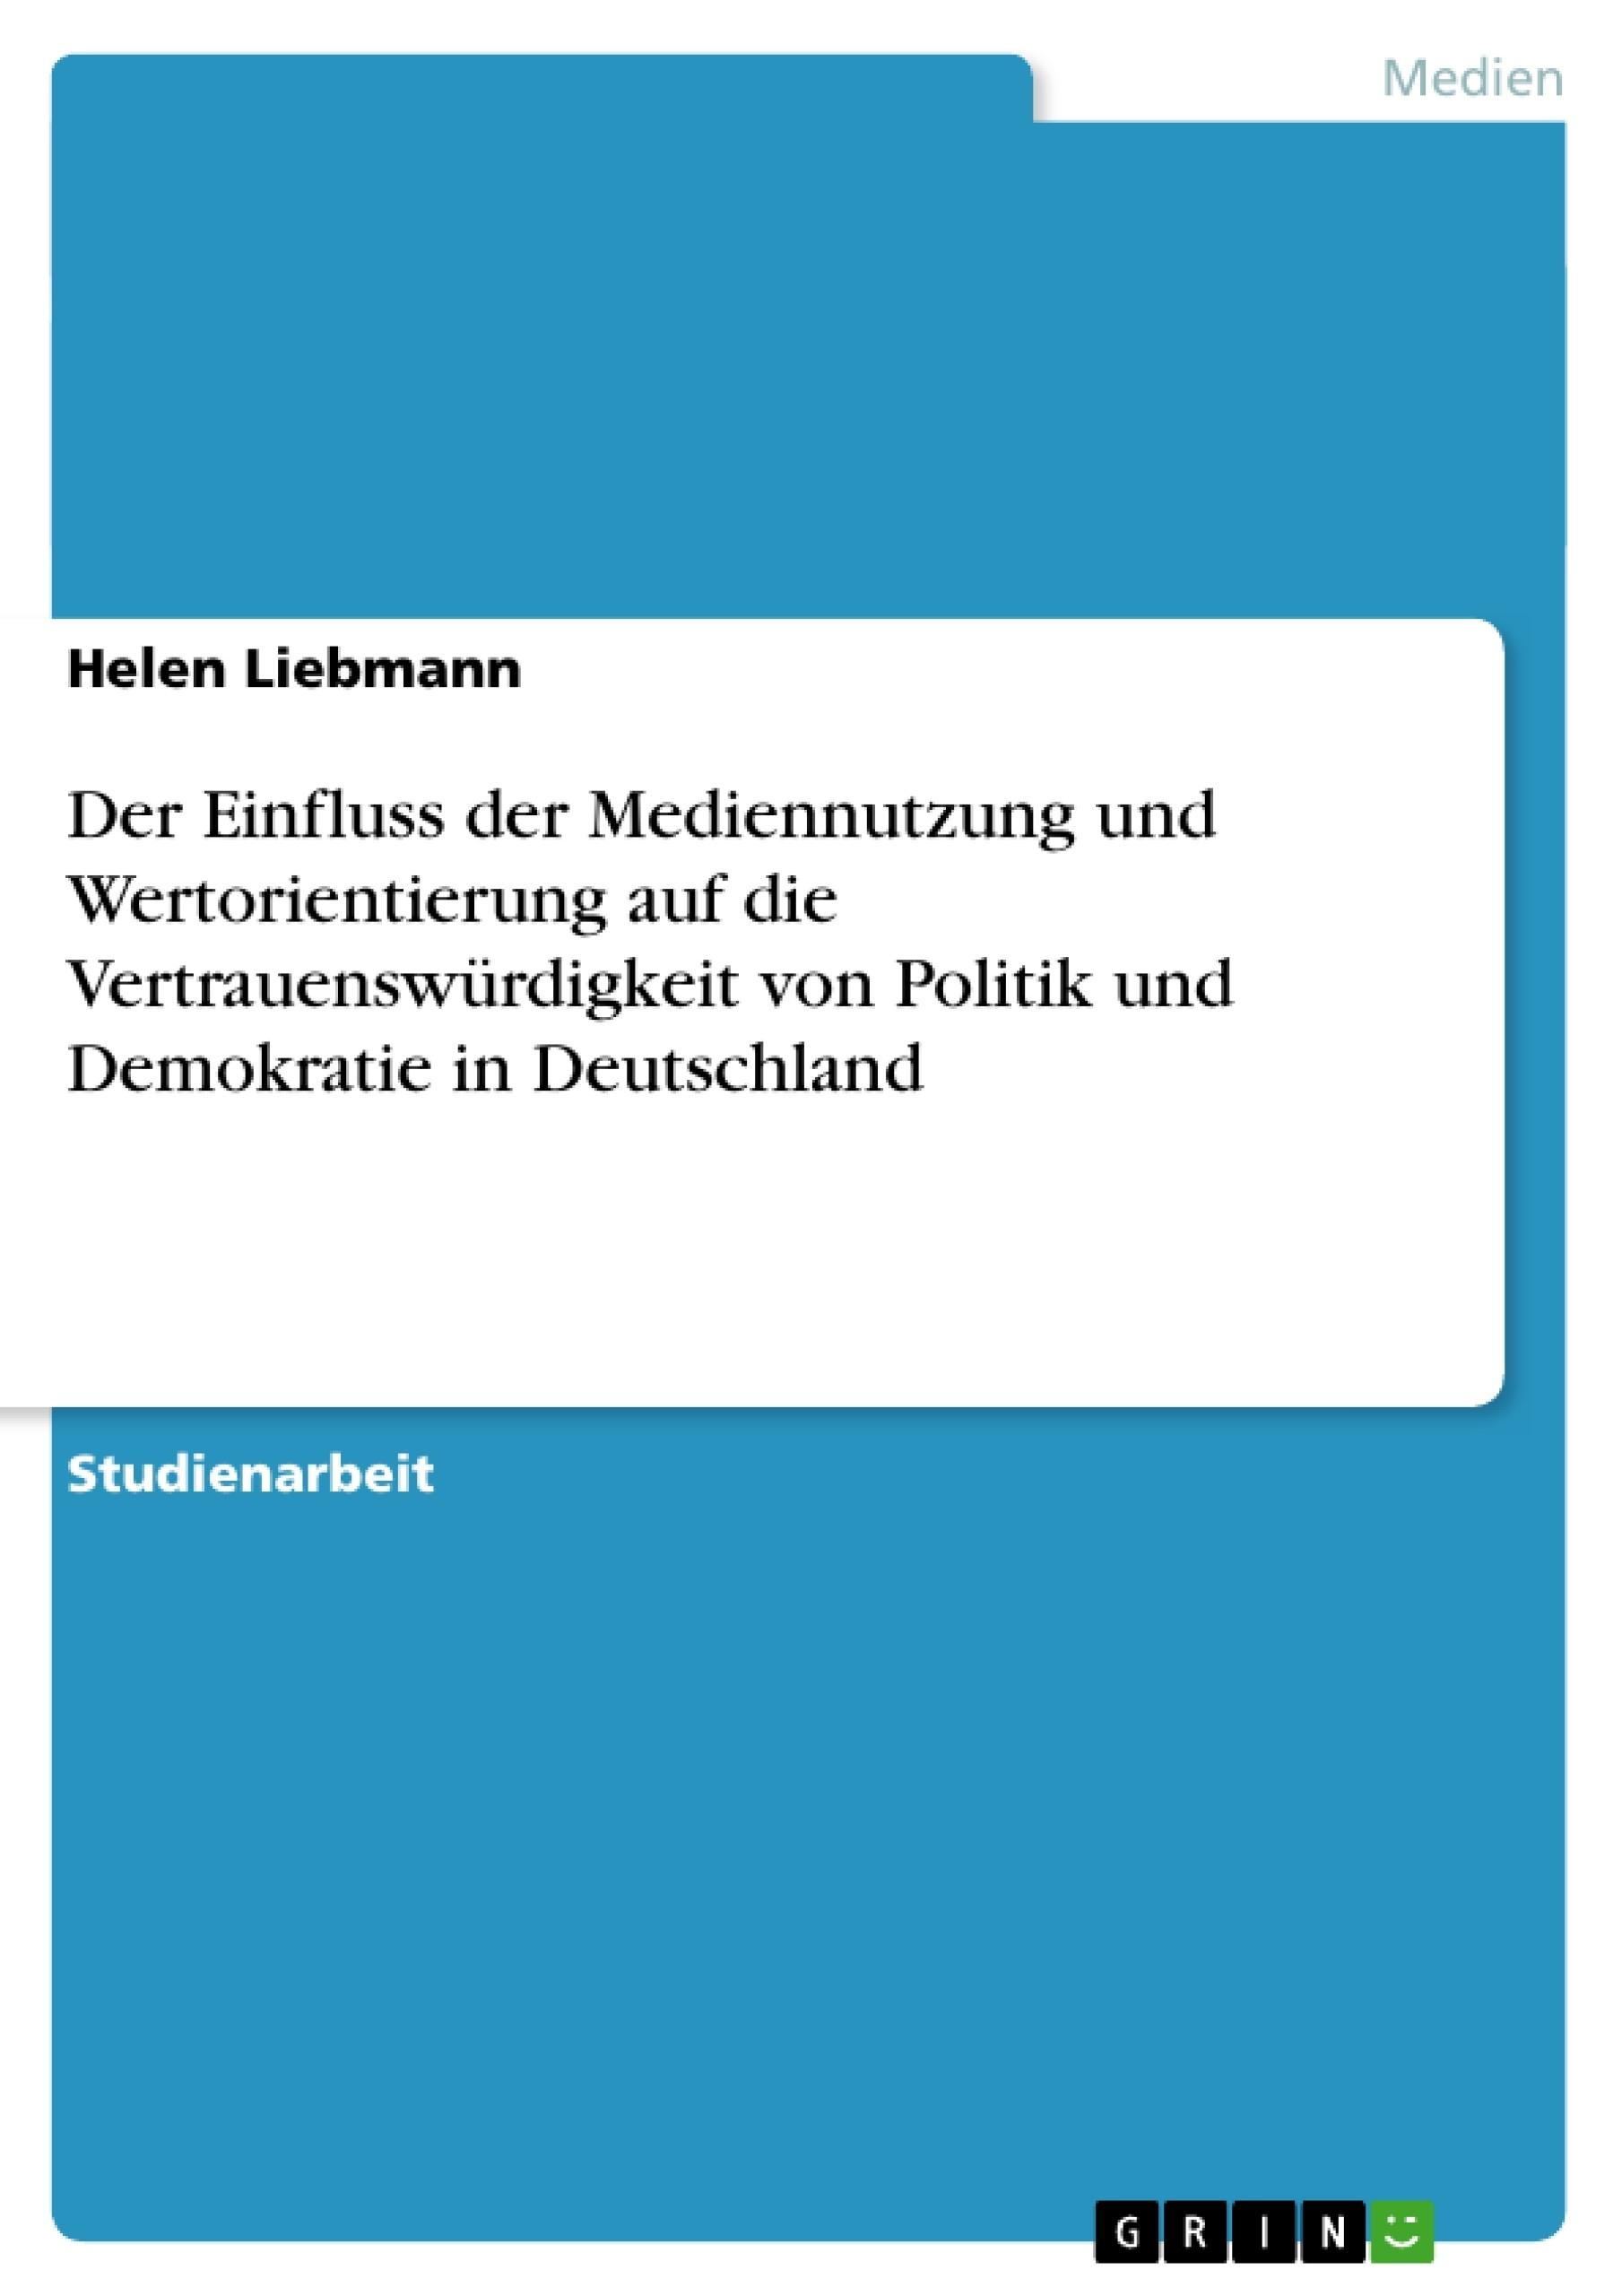 Titel: Der Einfluss der Mediennutzung und Wertorientierung auf die Vertrauenswürdigkeit von Politik und Demokratie in Deutschland